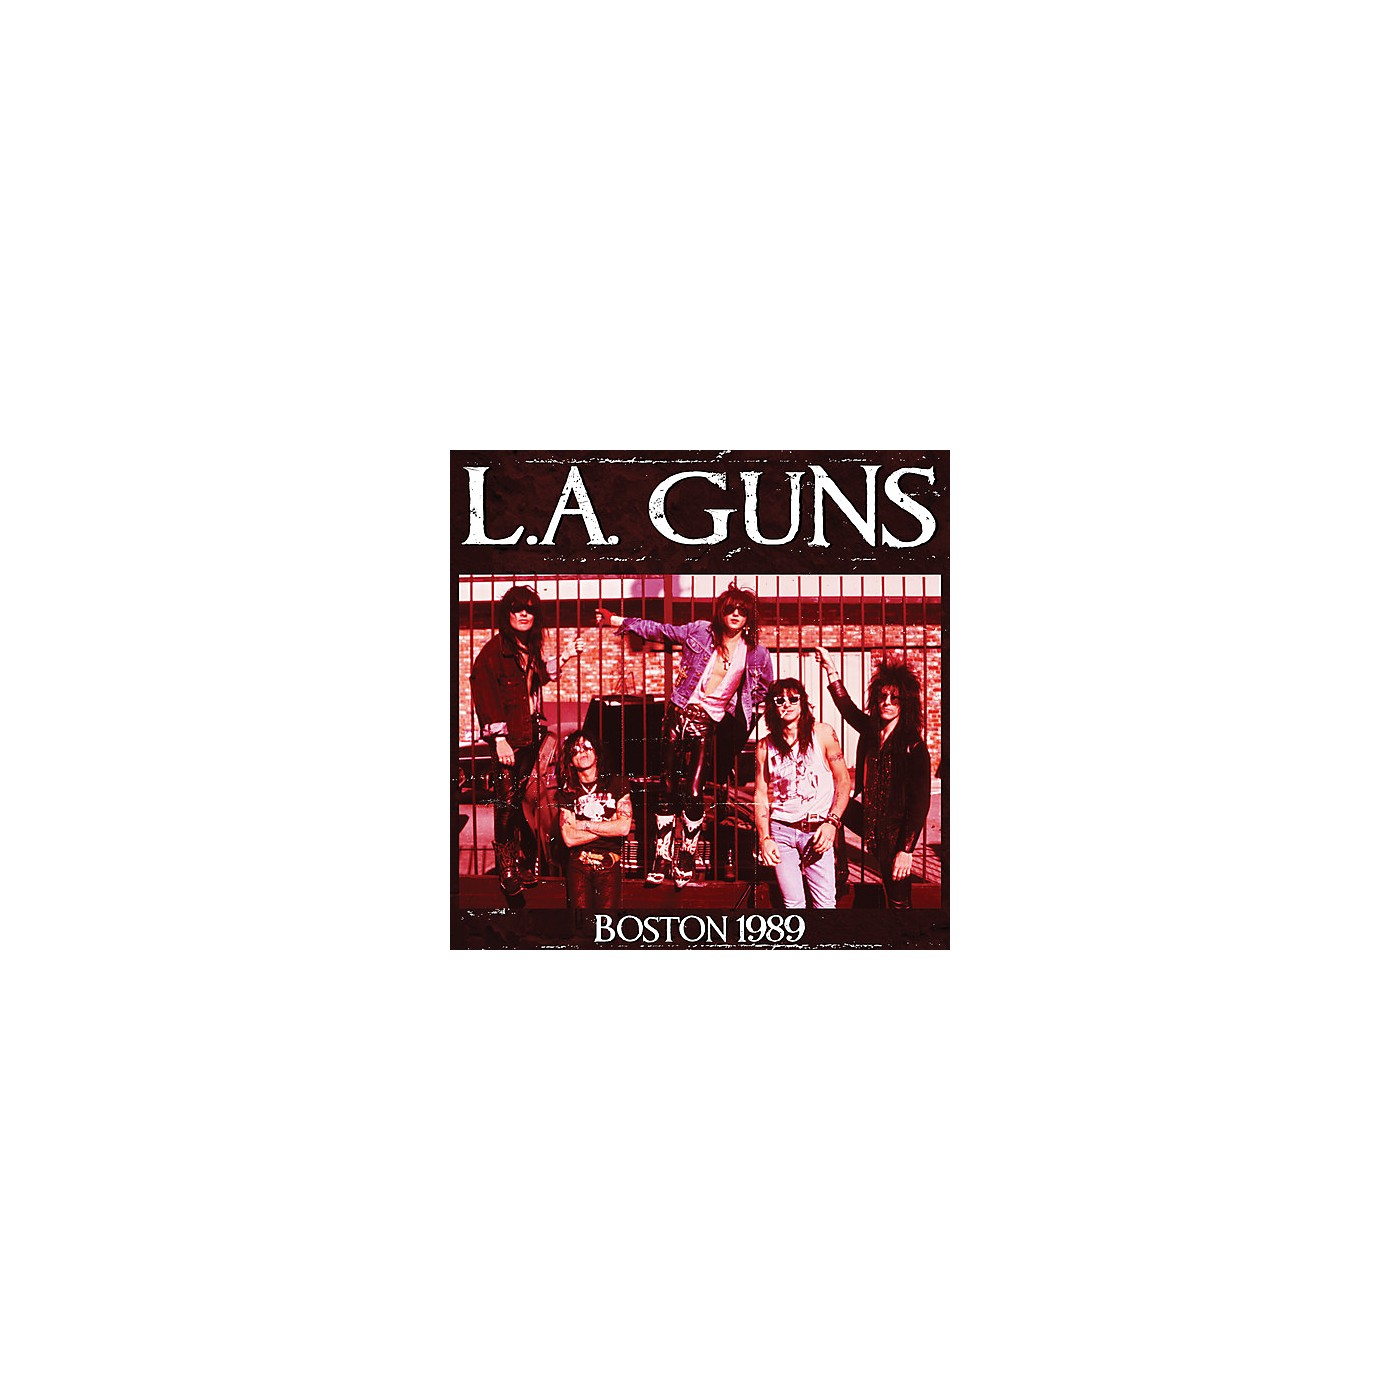 Alliance L.A. Guns - Boston 1989 thumbnail